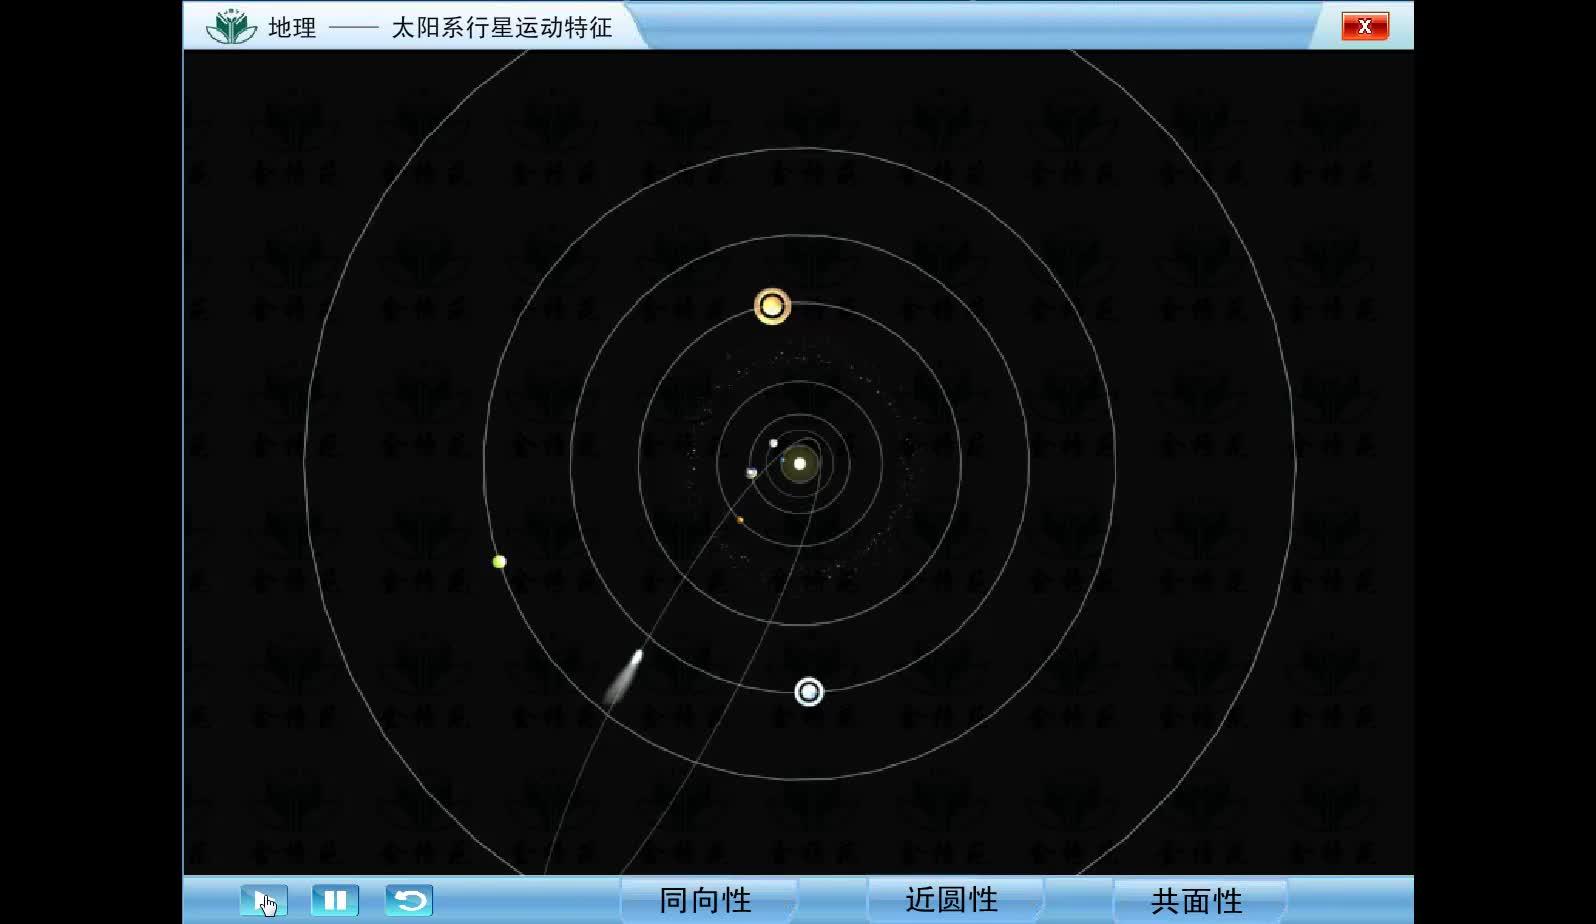 太阳系行星运动特征-视频素材